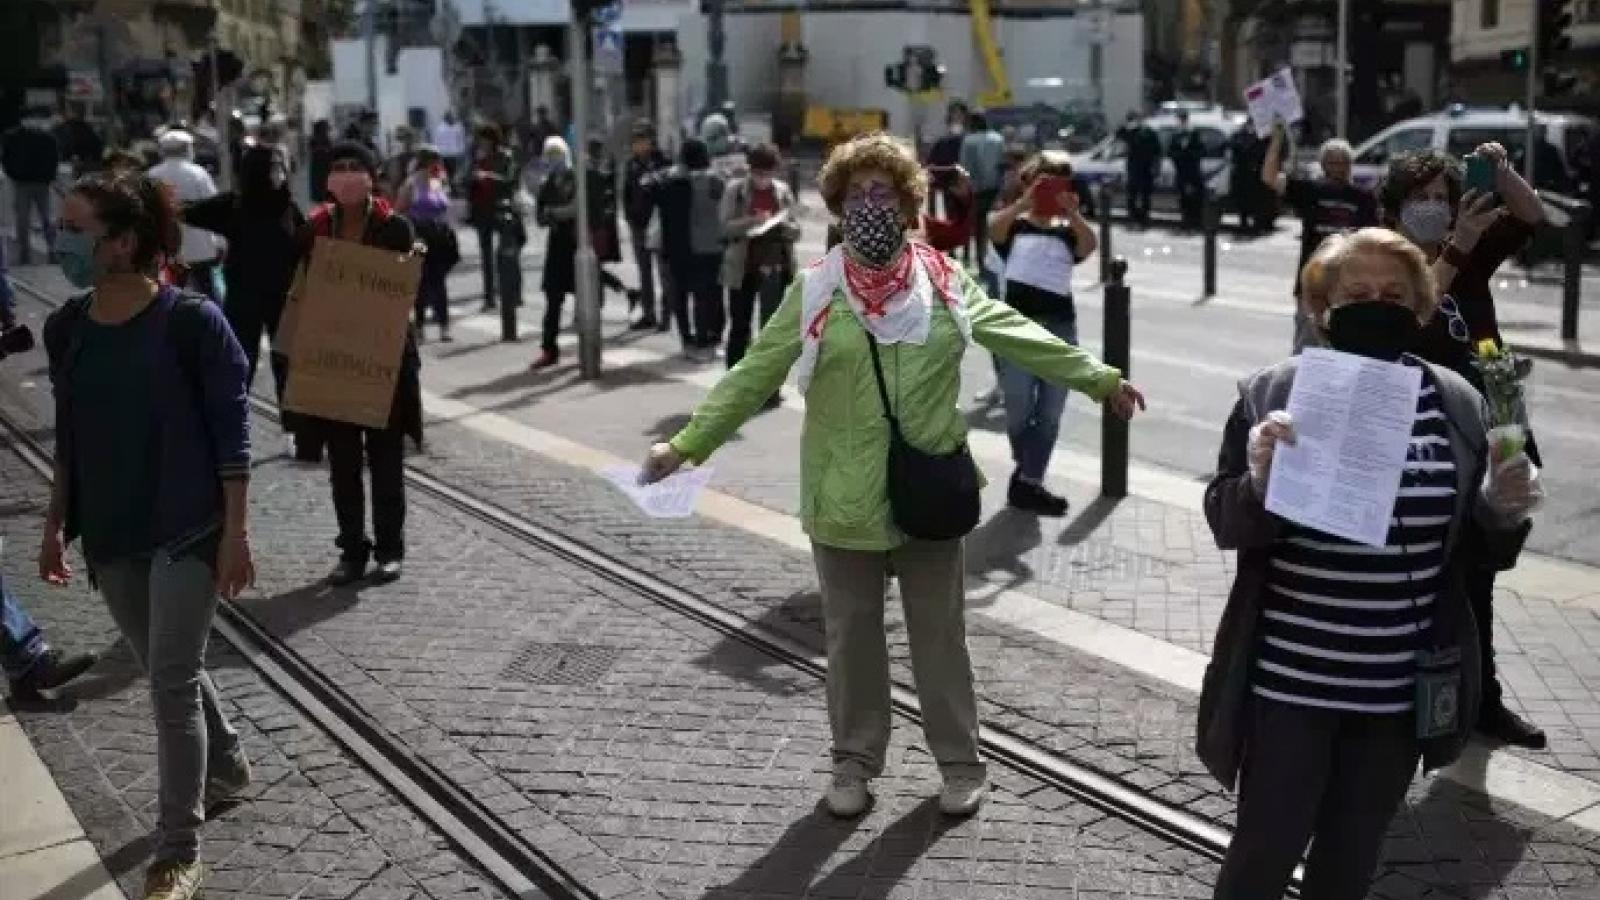 Pháp trải qua ngày Quốc tế Lao động trầm lắng nhất vì Covid-19